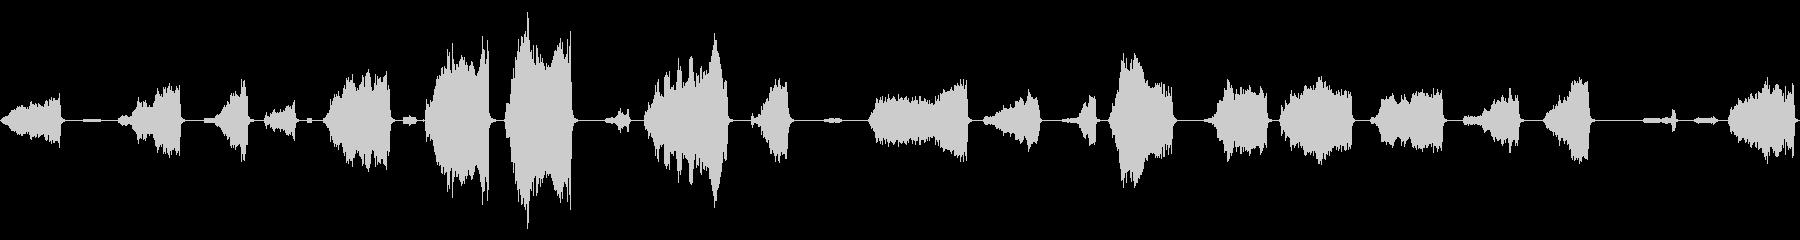 グランツの鳴き声の未再生の波形